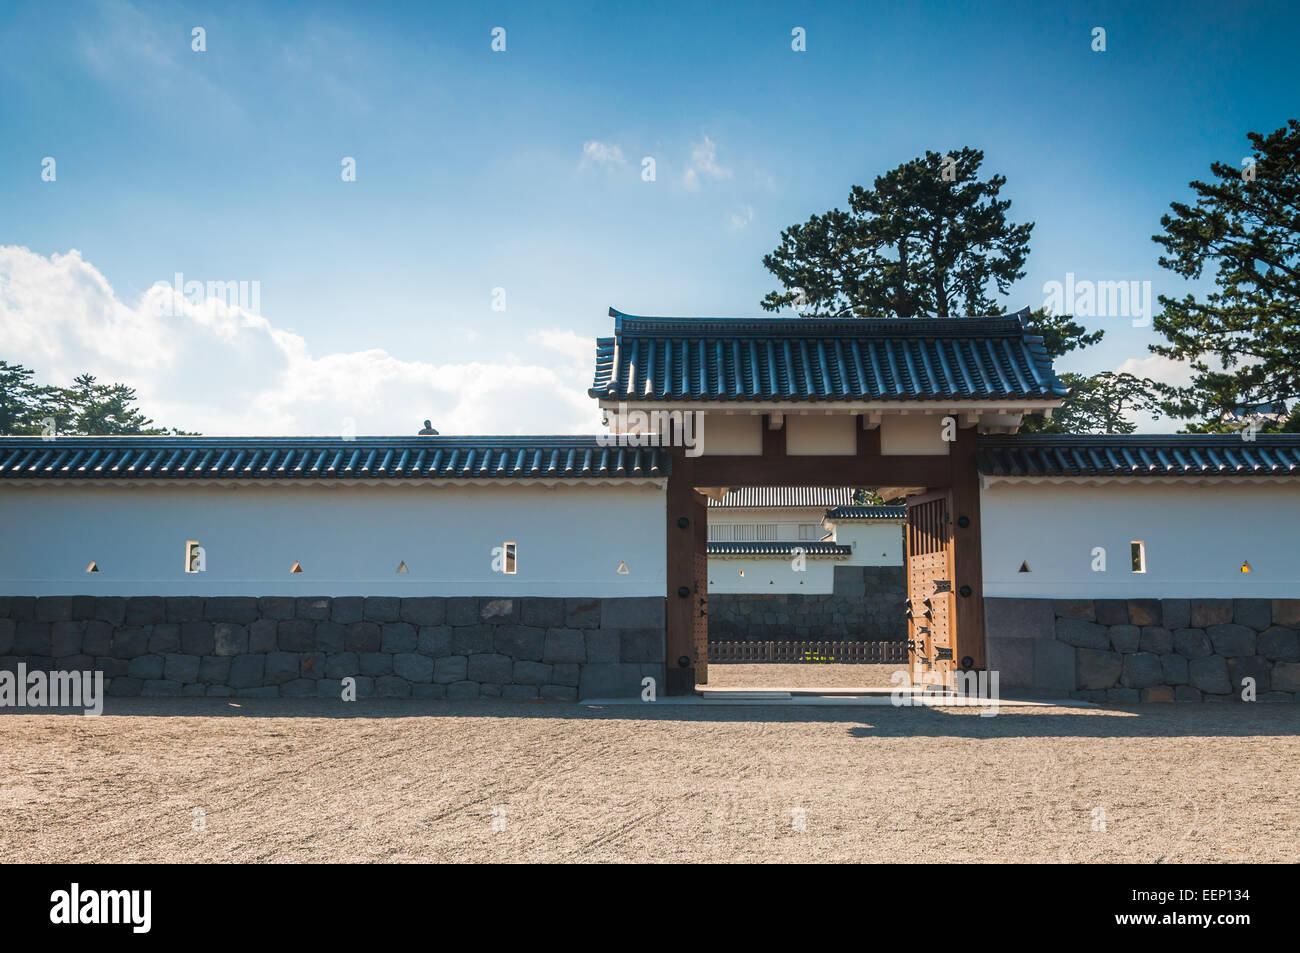 Tradizionale architettura giapponese a Odawara castello di Odawara, Giappone. Immagini Stock